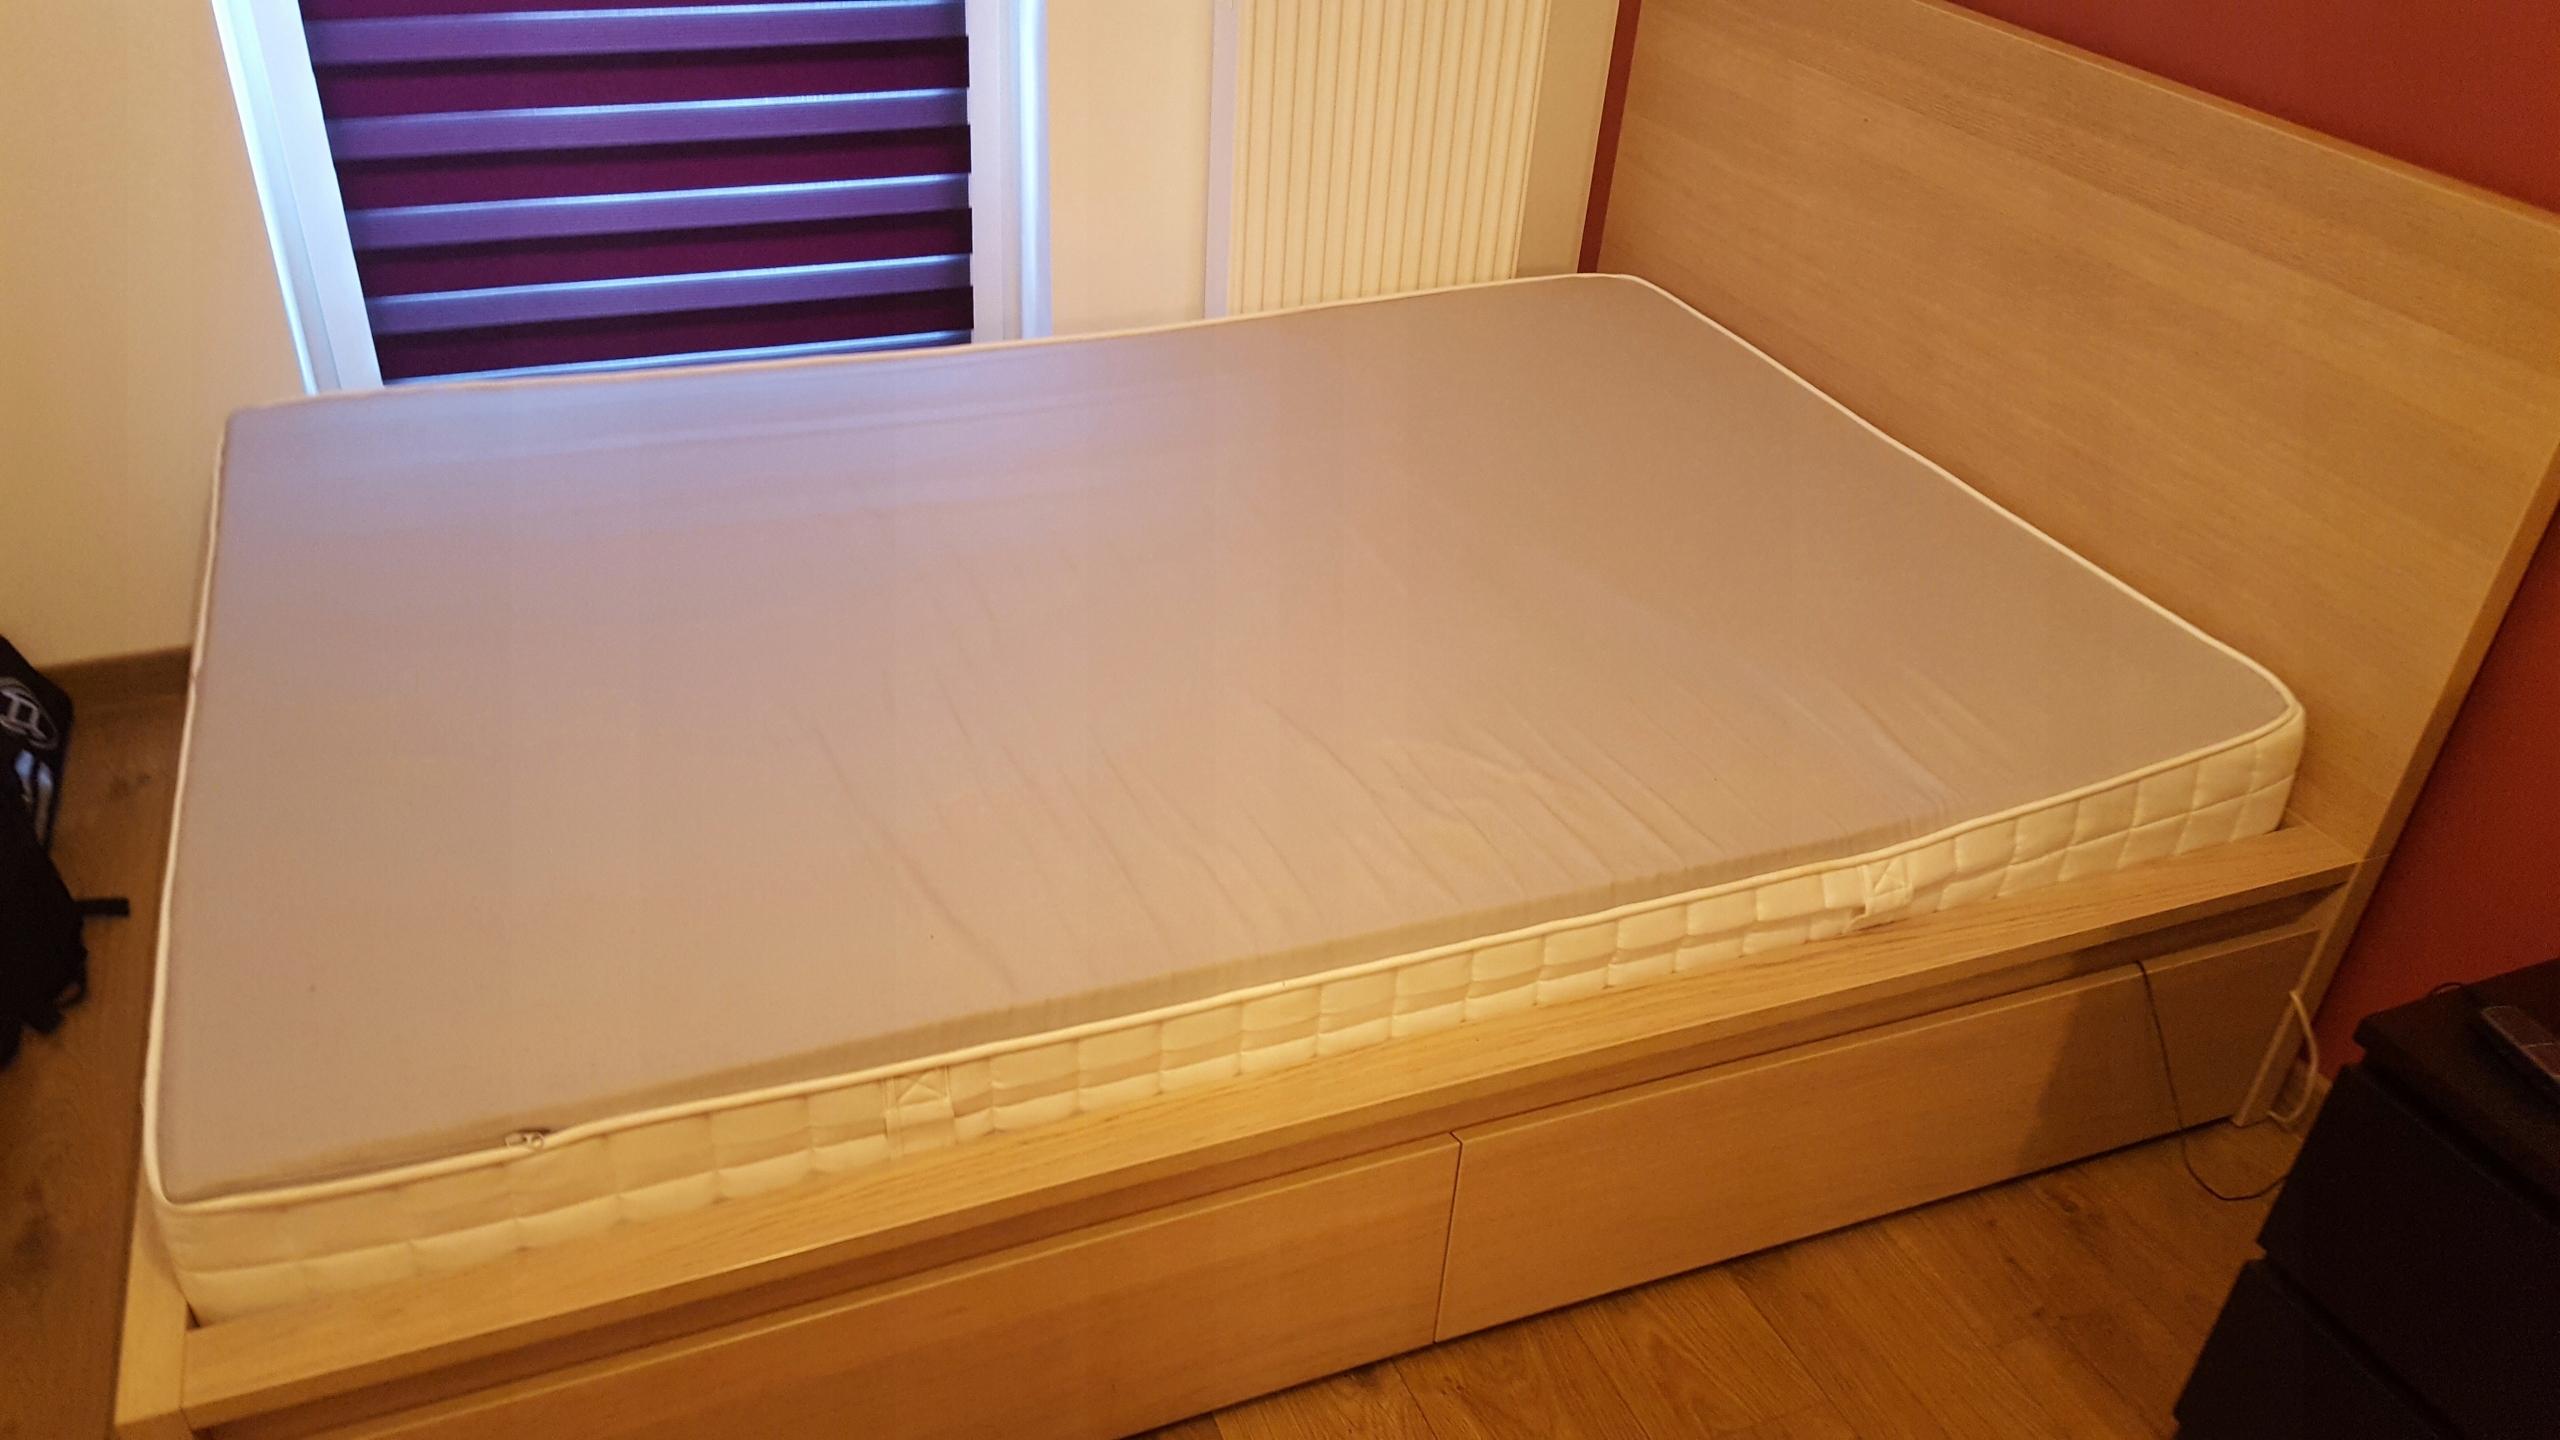 łóżko Malm Ikea 140x200 Stan Idealny 4 Szuflady 7494446291